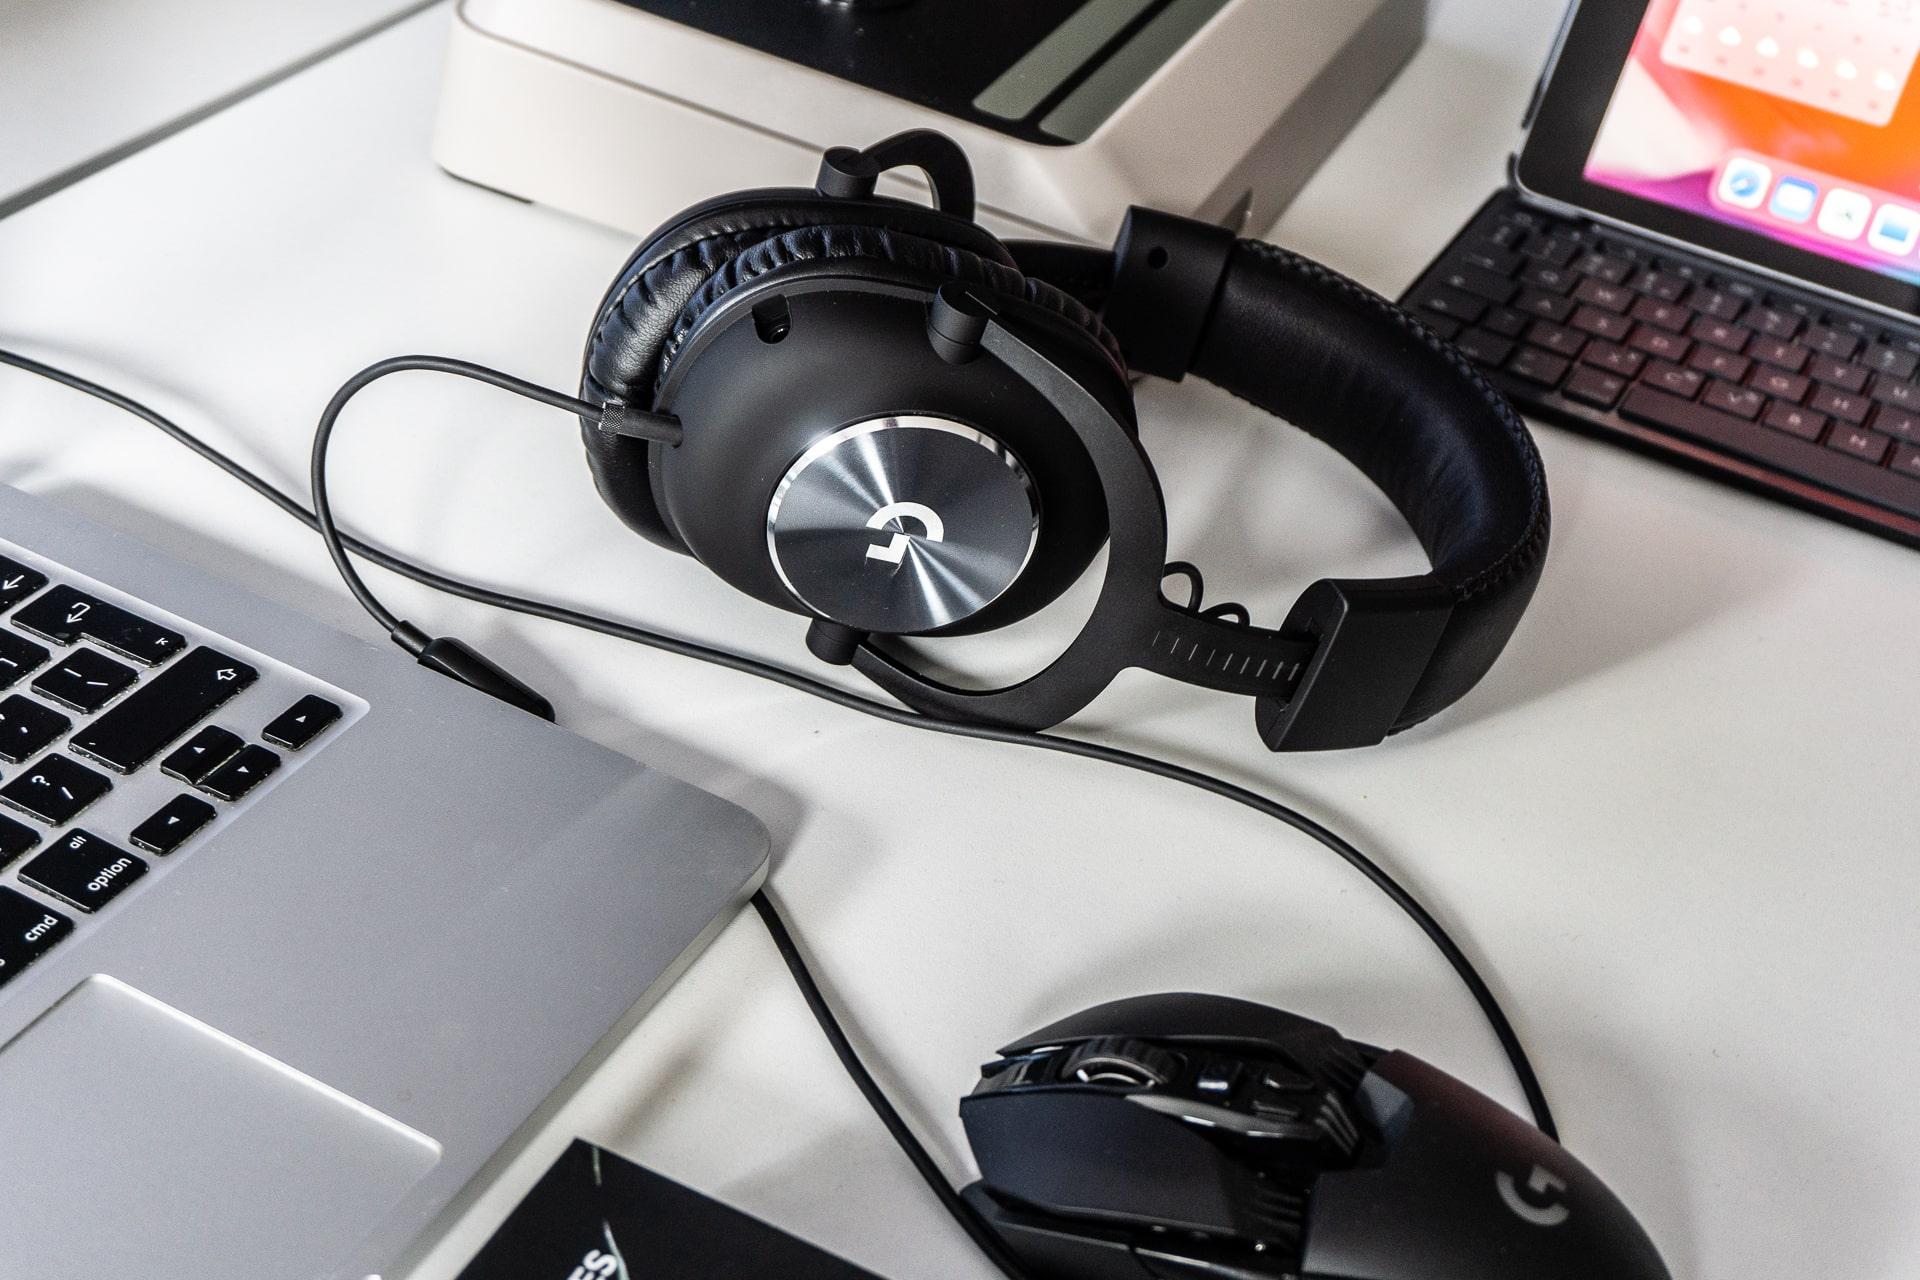 Logitech melanjutkan pisau dengan HyperX. Logitech G PRO X adalah mikrofon DAC eksternal, Biru, dan 7.1 dalam game - sebuah ulasan 5